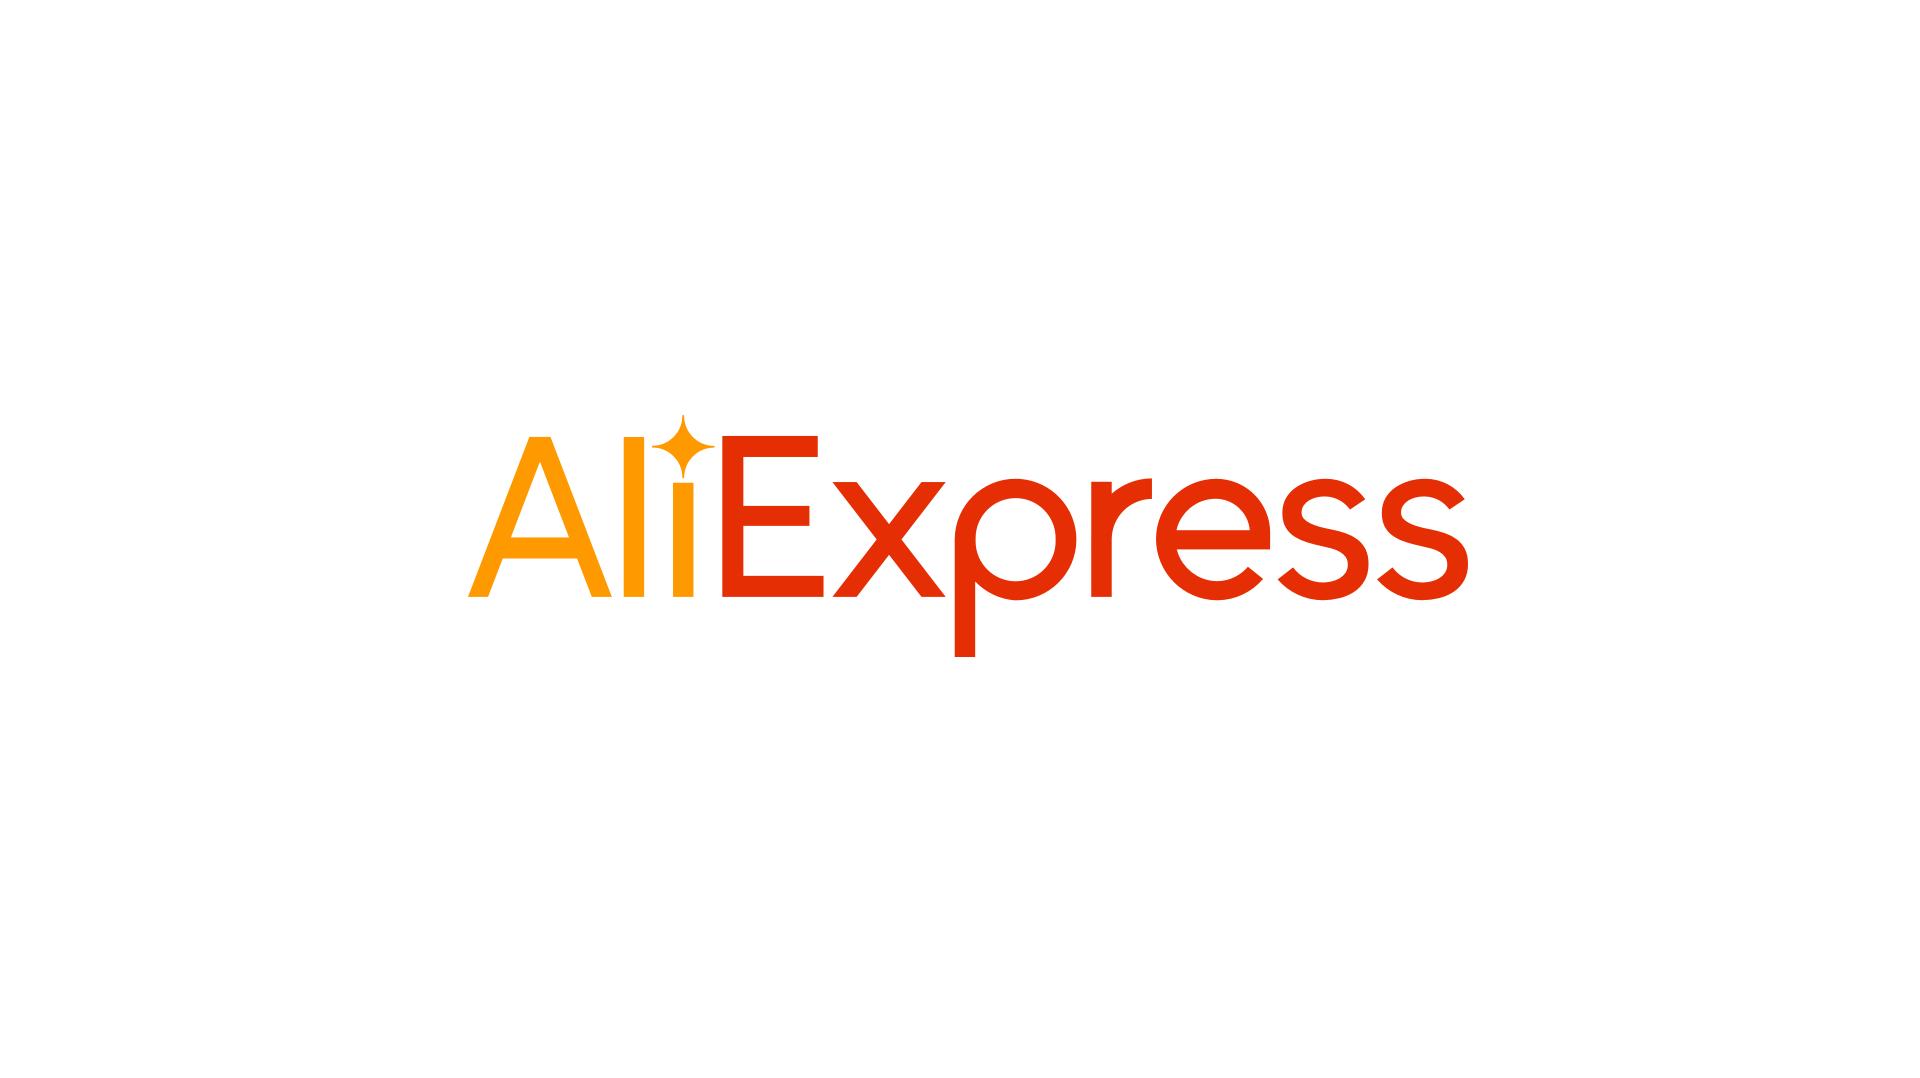 Alibaba veut concurrencer Amazon avec la version française d'AliExpress